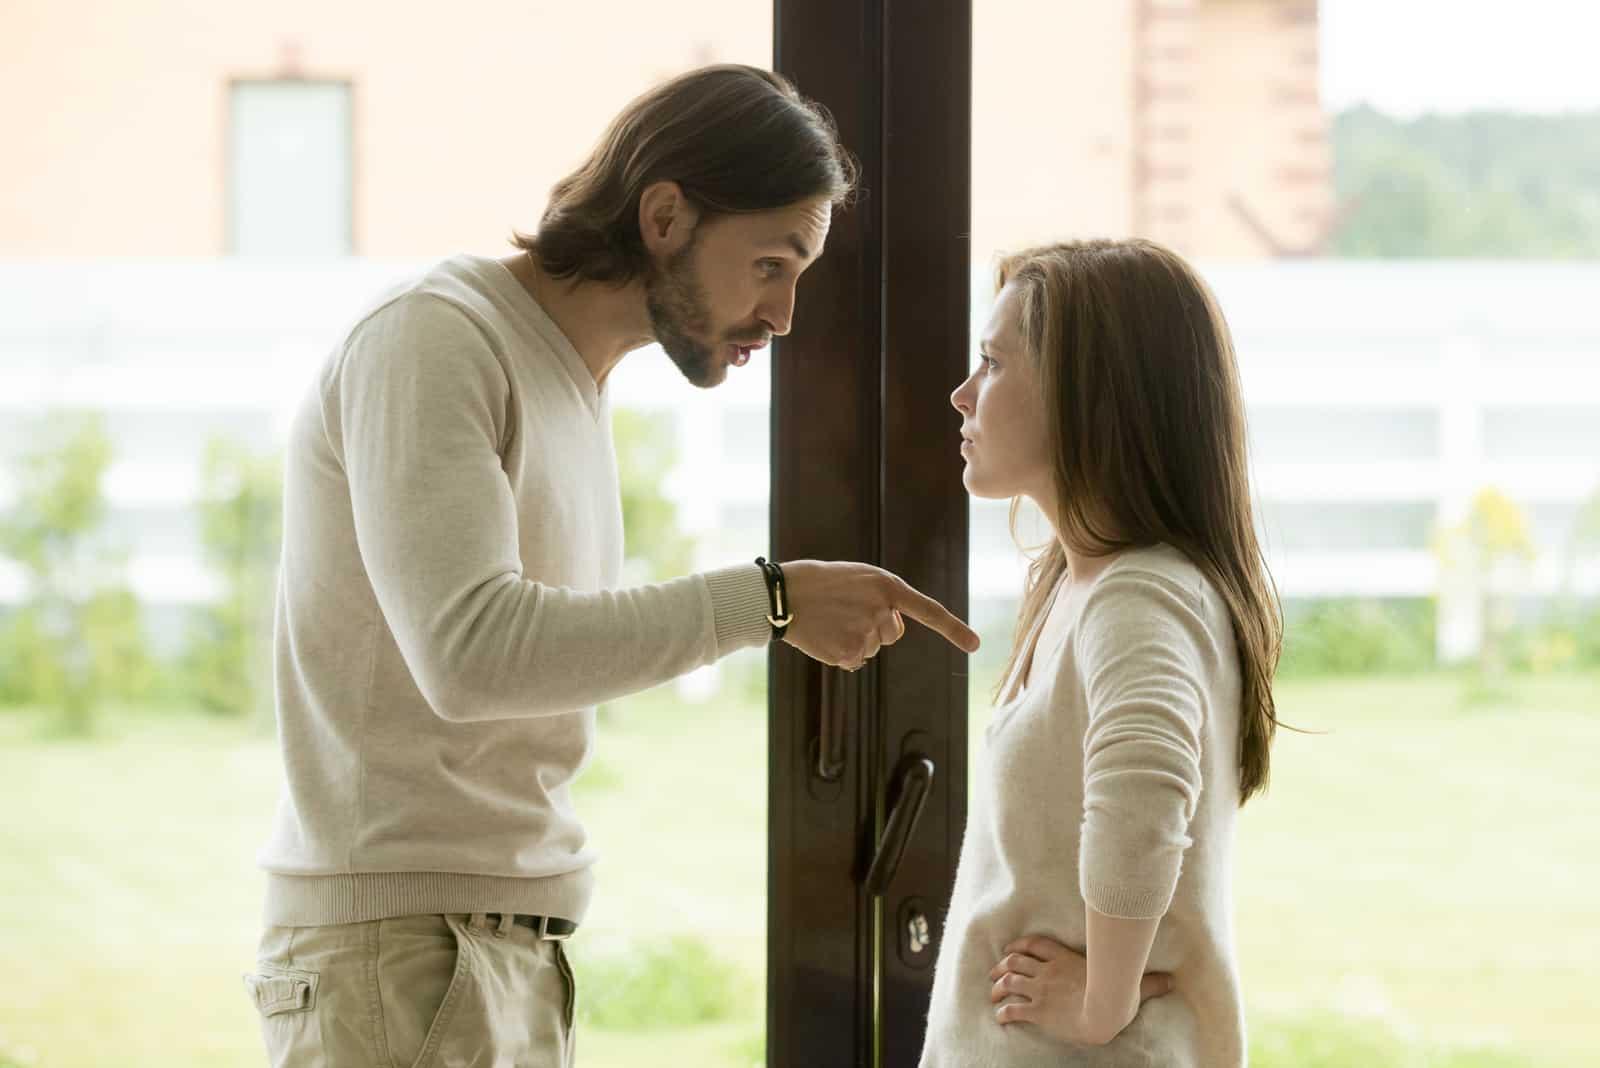 Un homme parle à une femme alors qu'il se tient près d'une porte vitrée